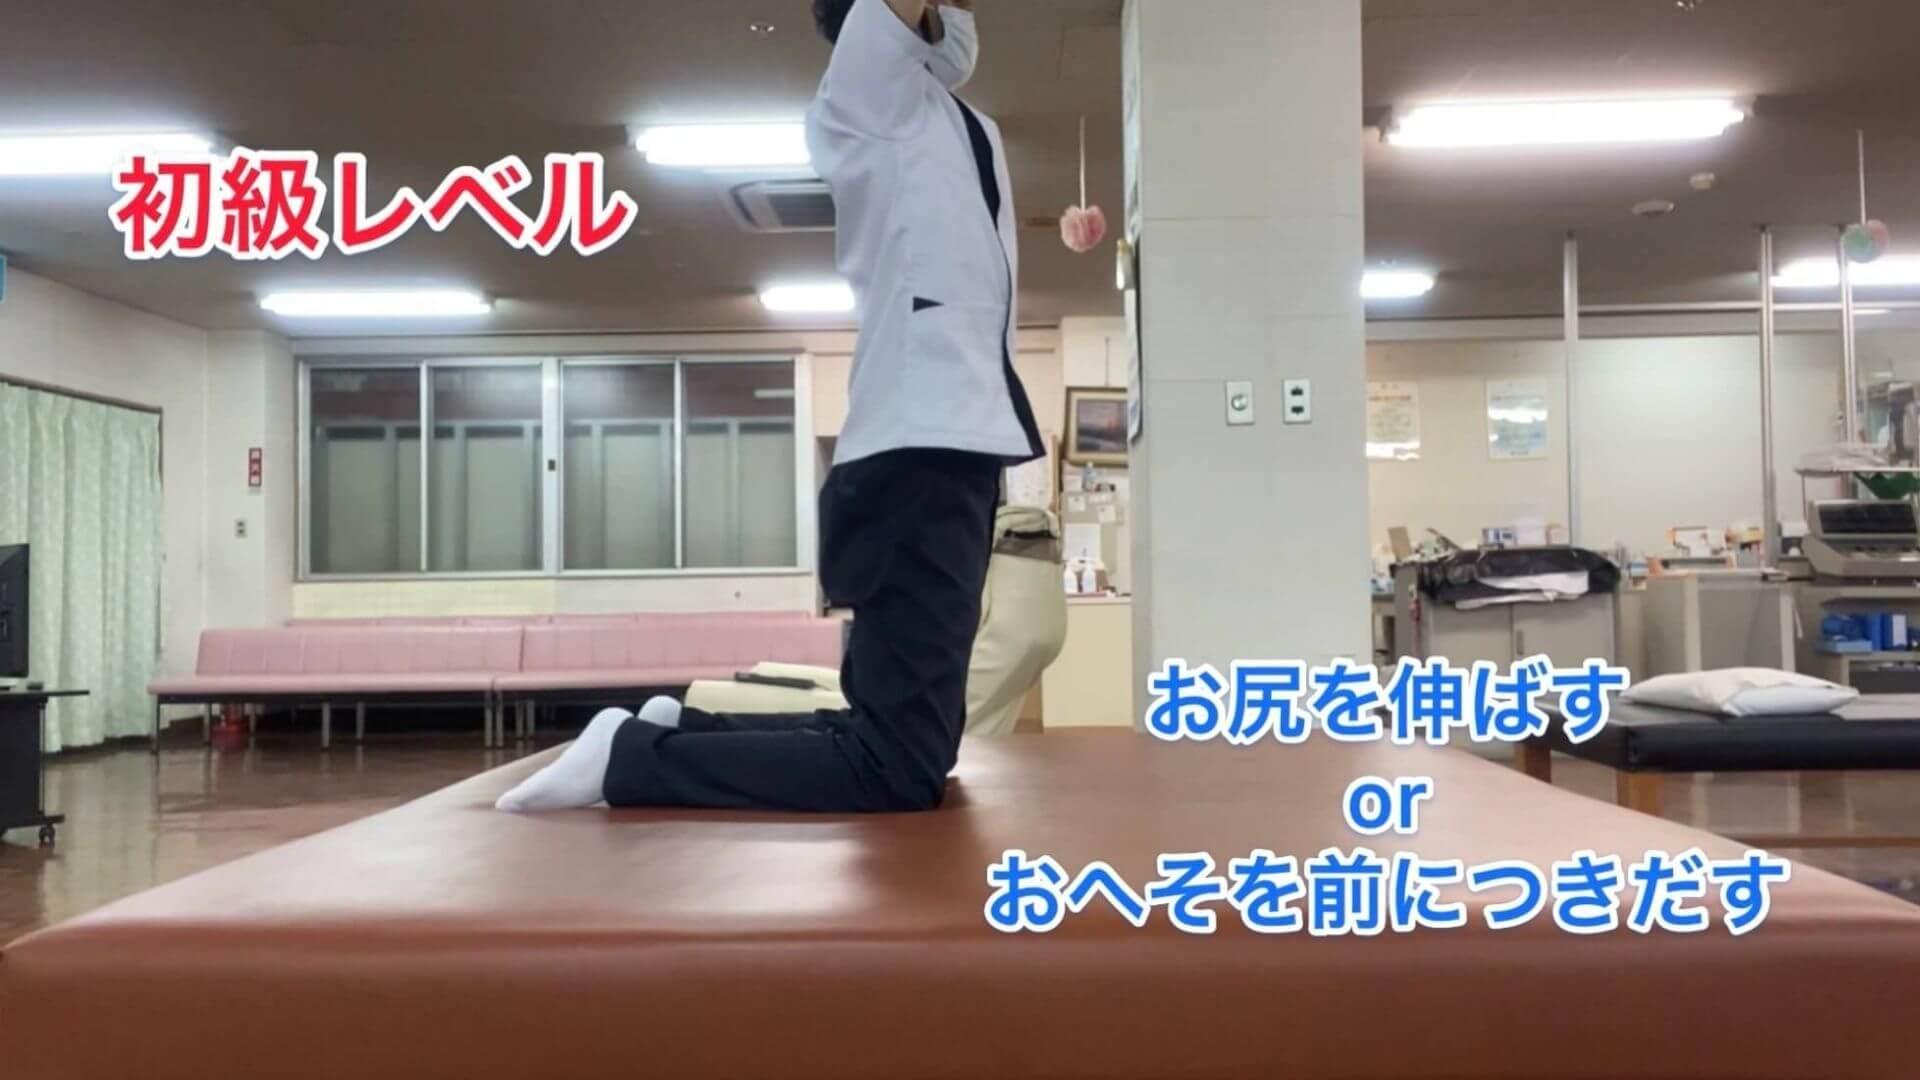 股関節体幹の動的ストレッチ画像